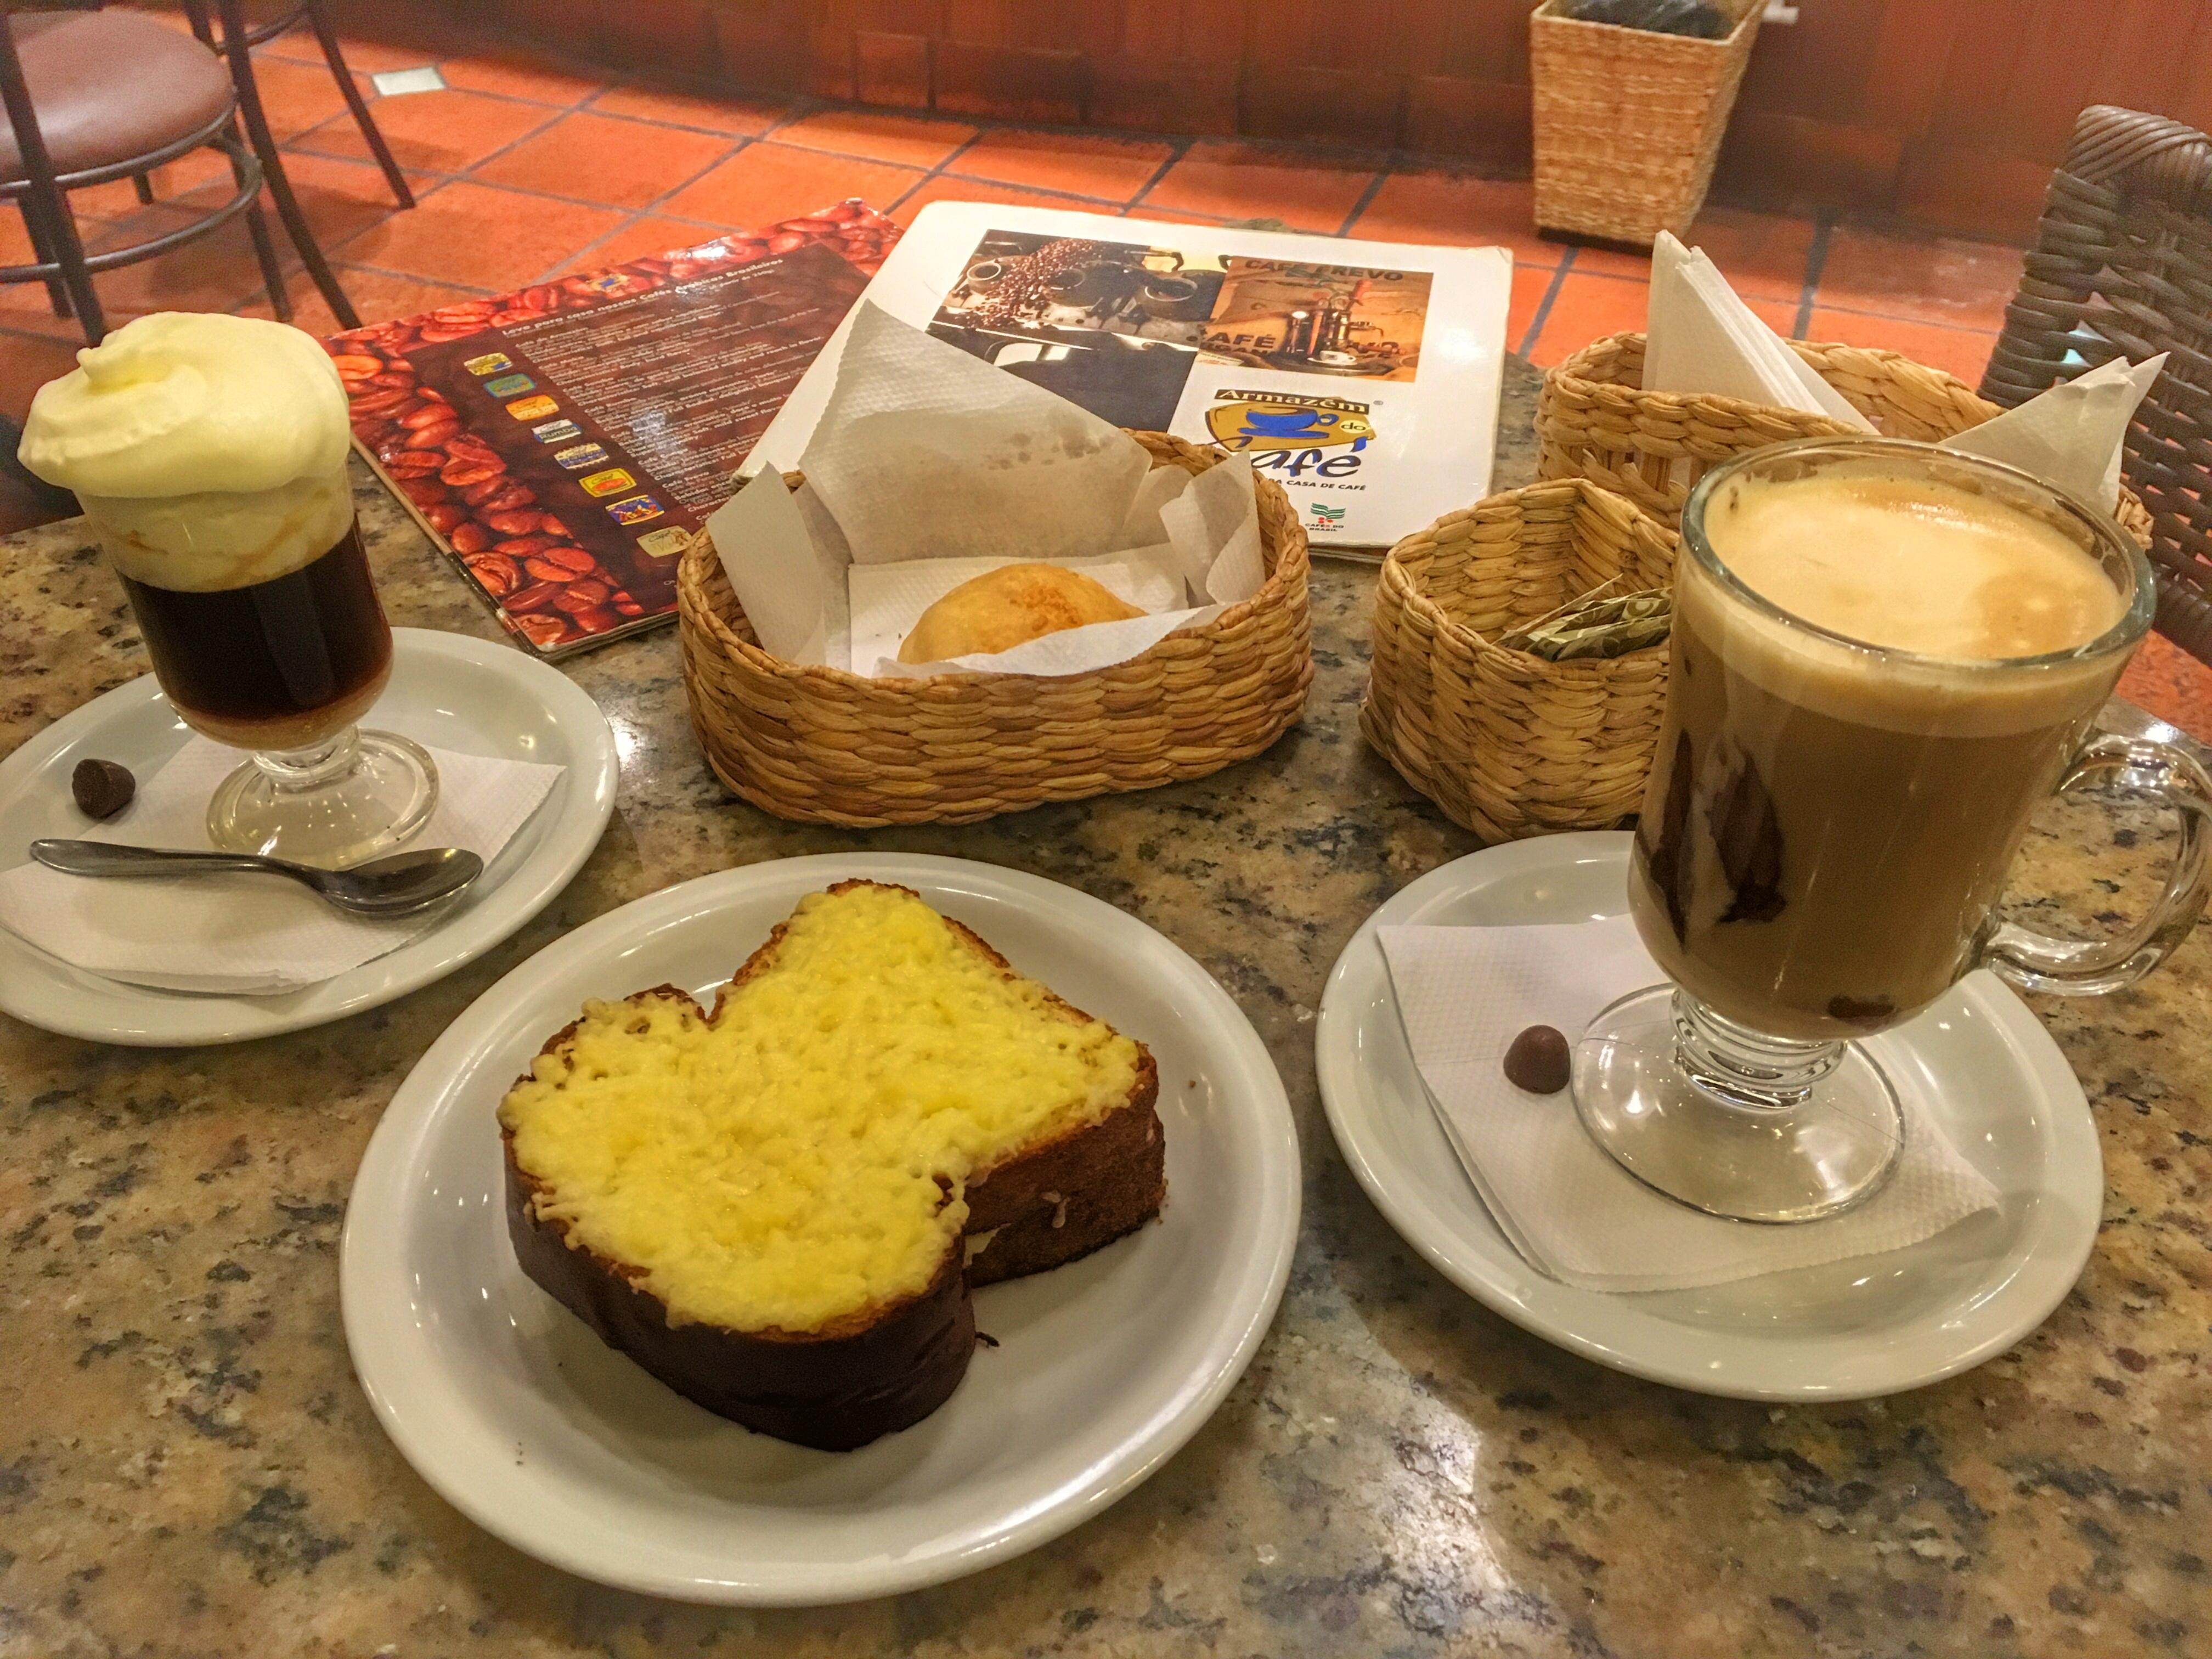 armazem-do-cafe-downtown